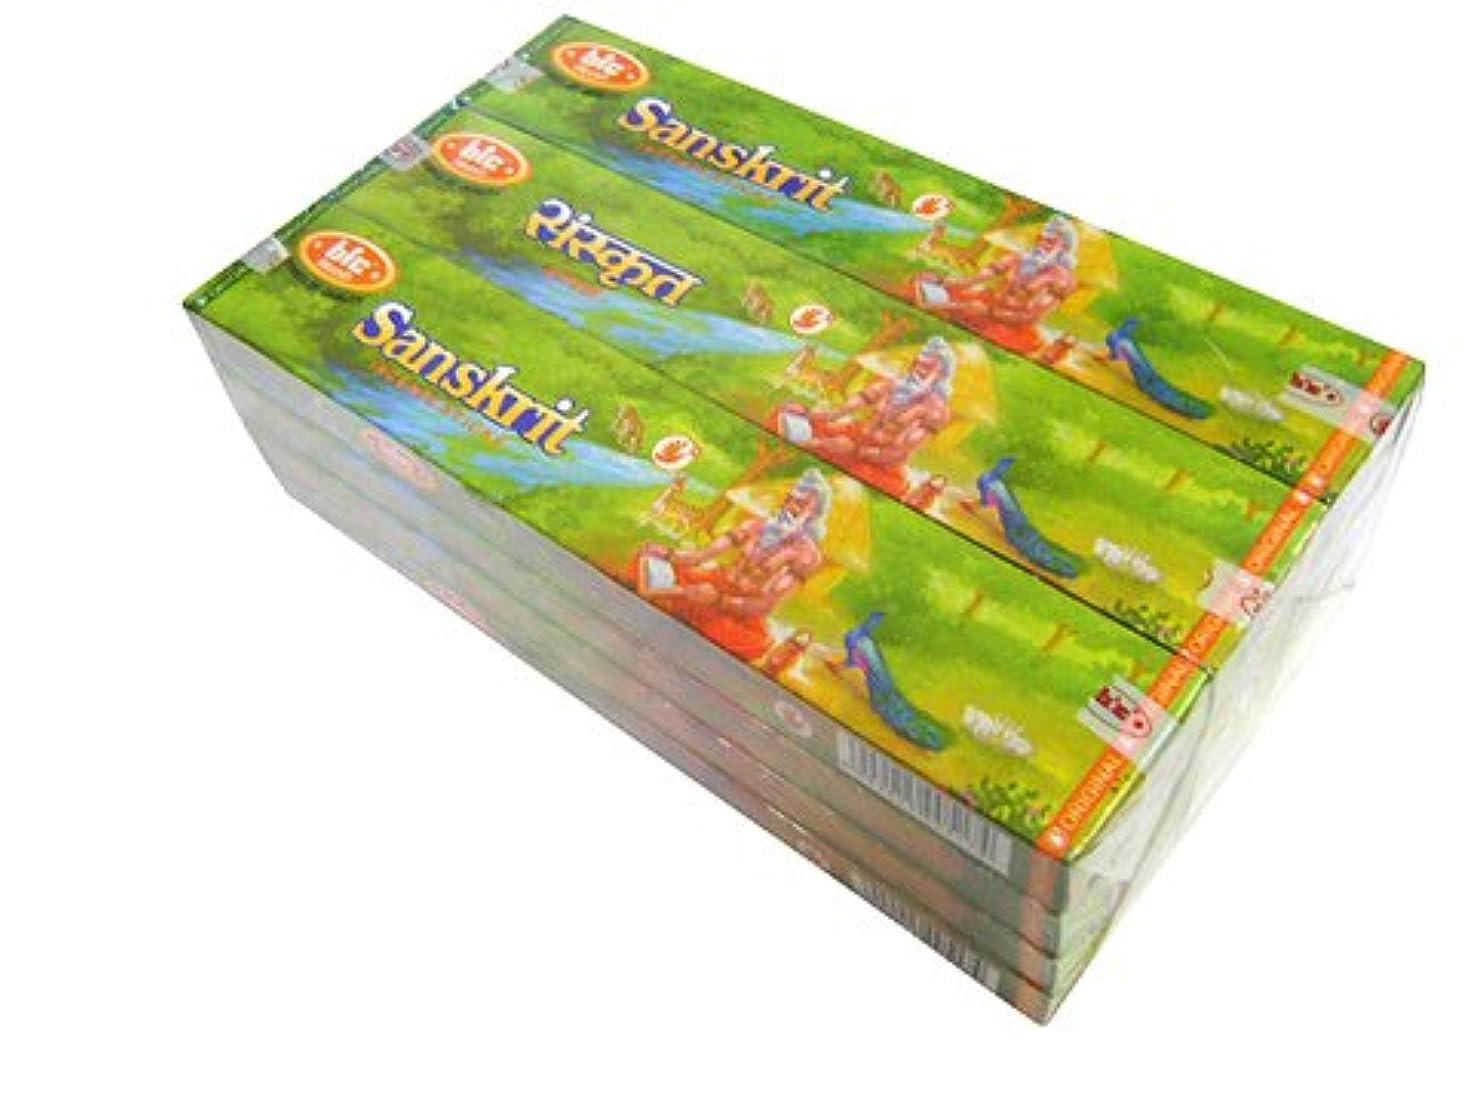 壮大な懲らしめ平凡BIC(ビック) サンスクリット香(レギュラーボックス) スティック SANSKRIT REG BOX 12箱セット